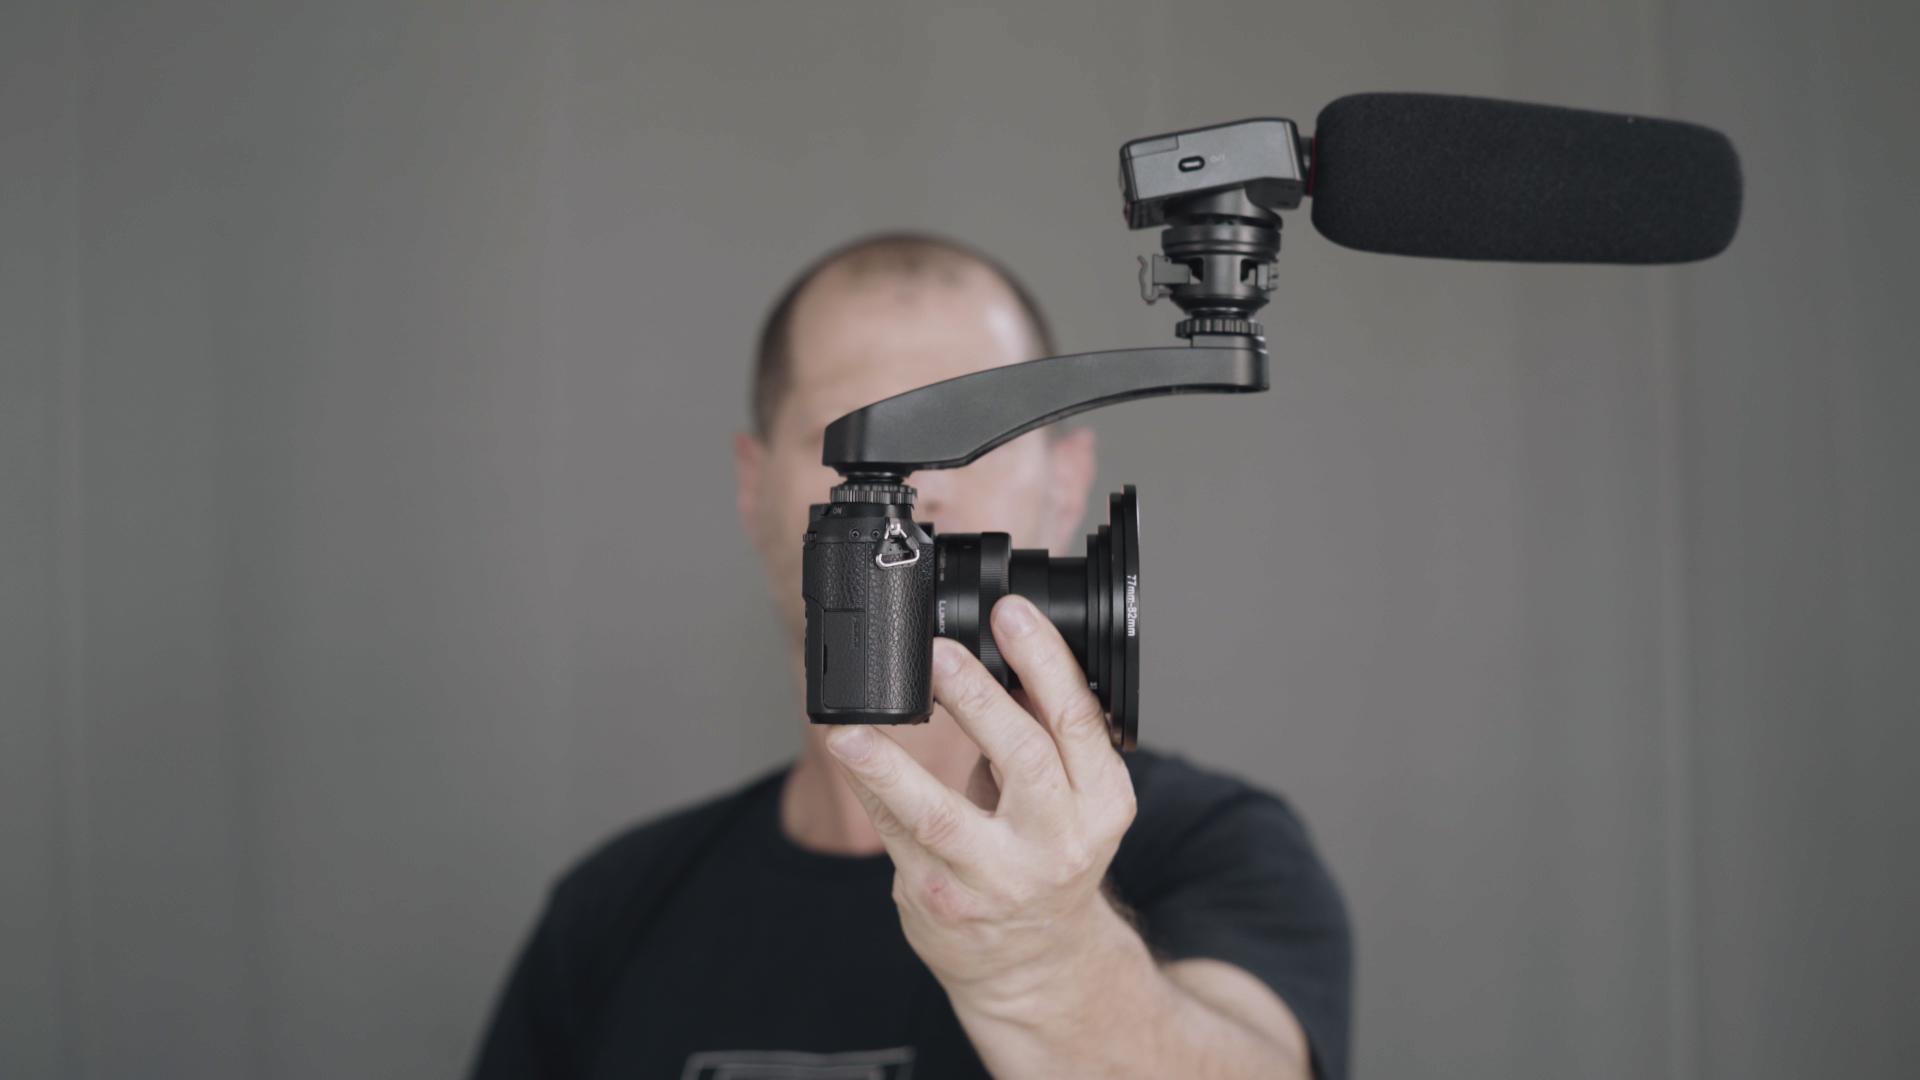 Tascam DR-10SGレビュー – カメラにマウントできるショットガンマイクレコーダー